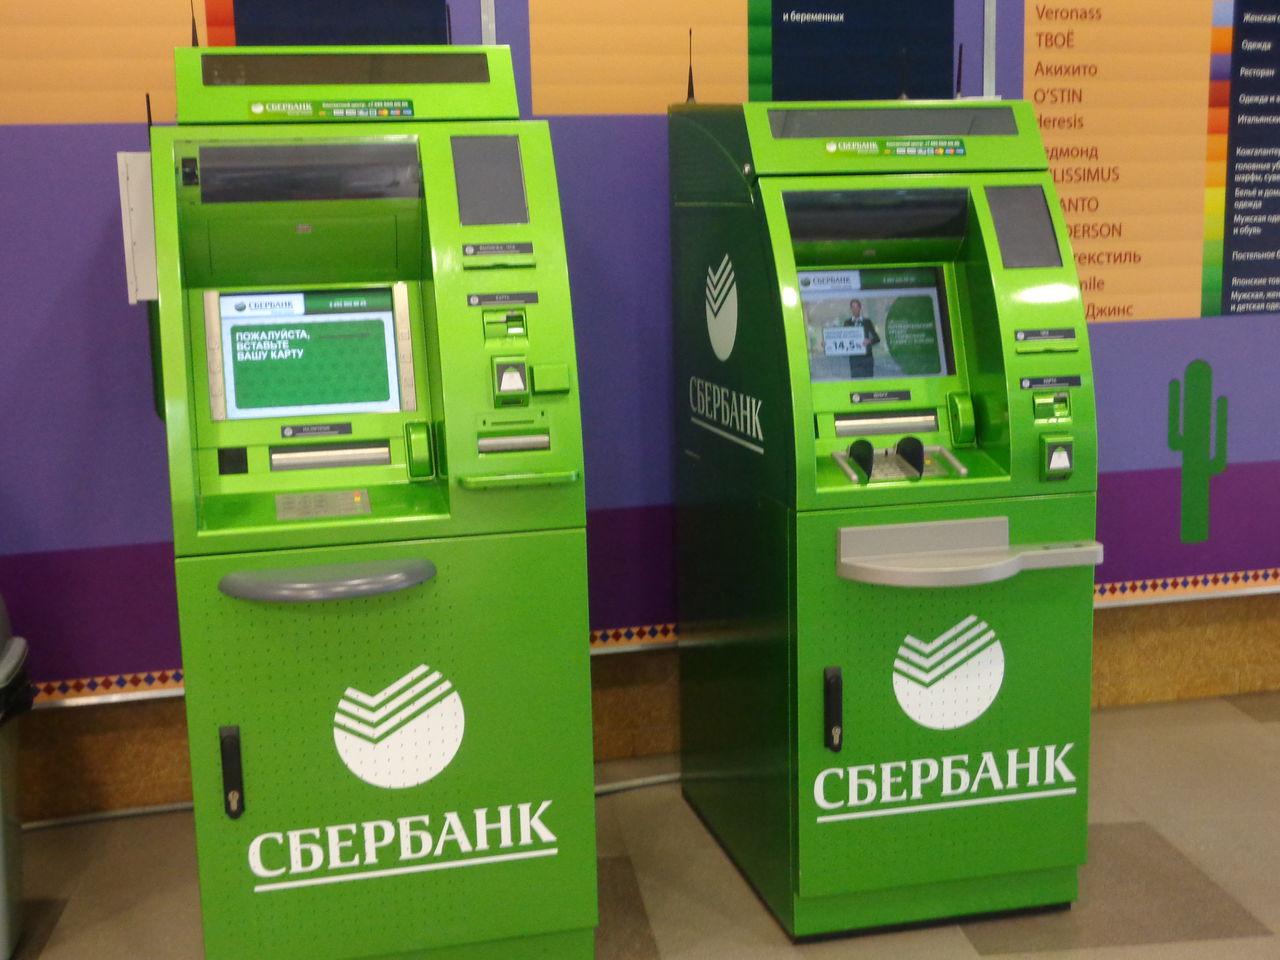 Некоторые банкоматы Сбербанка перестанут принимать 5-тысячные купюры